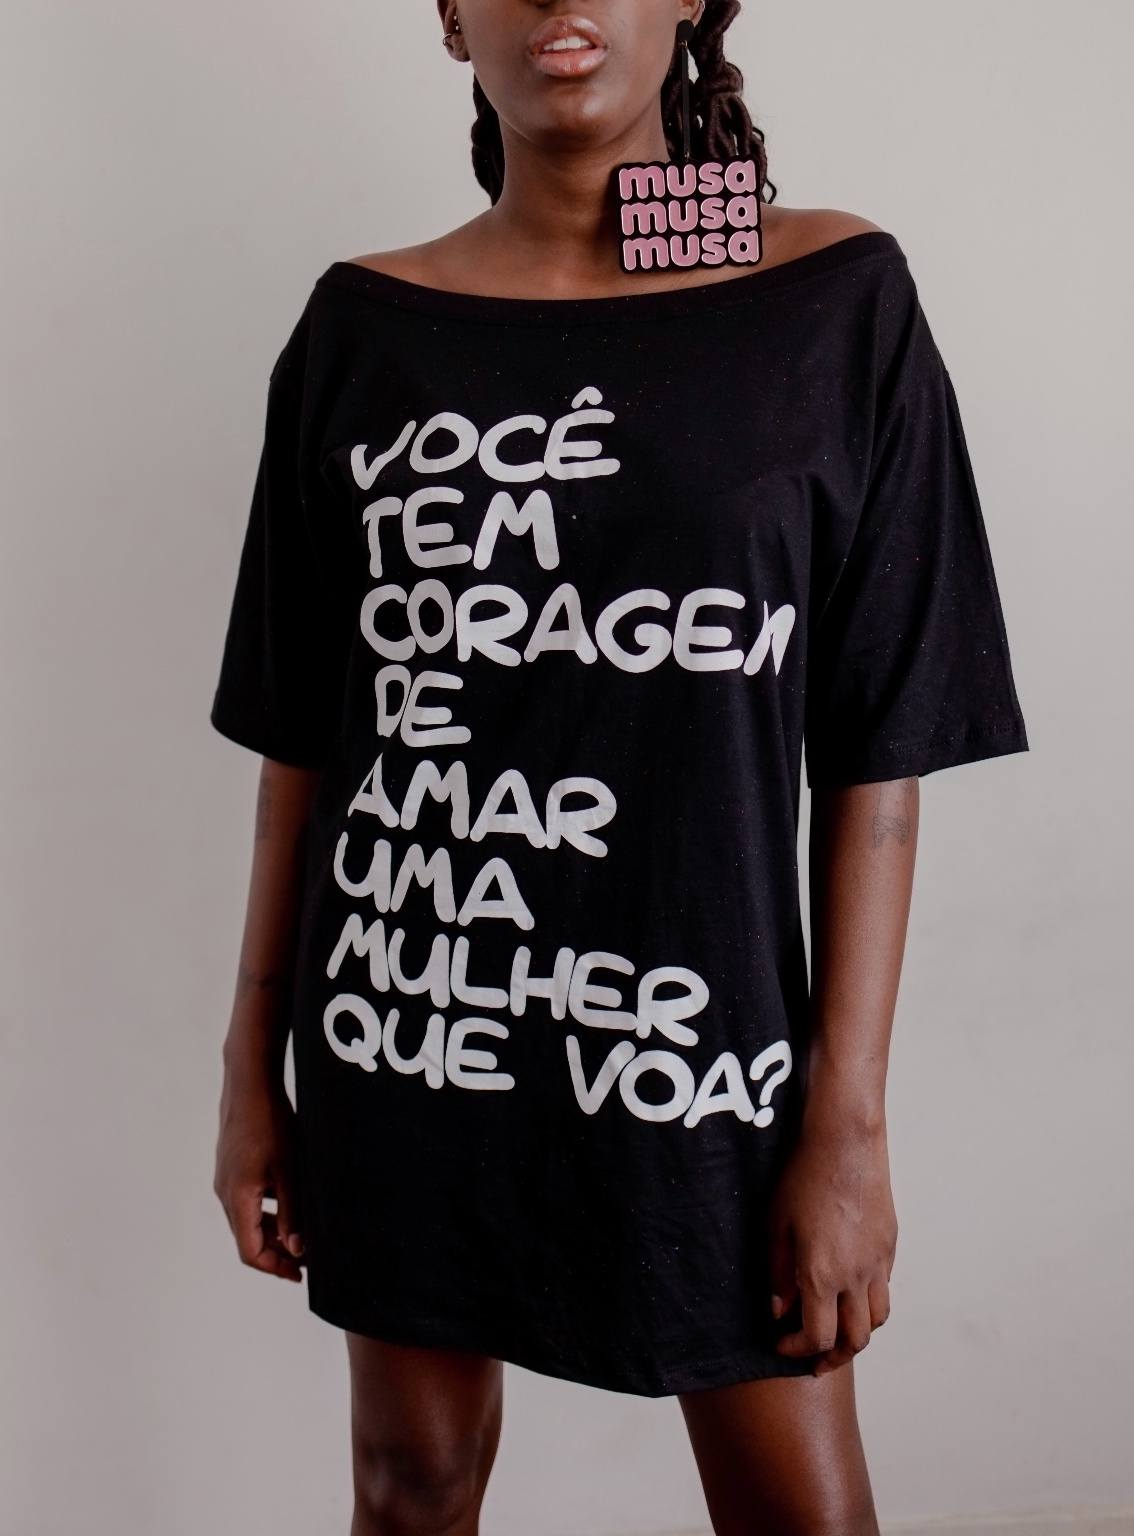 Devassas.com - Maxi t-shirt Você tem Coragem de Amar uma Mulher que Voa